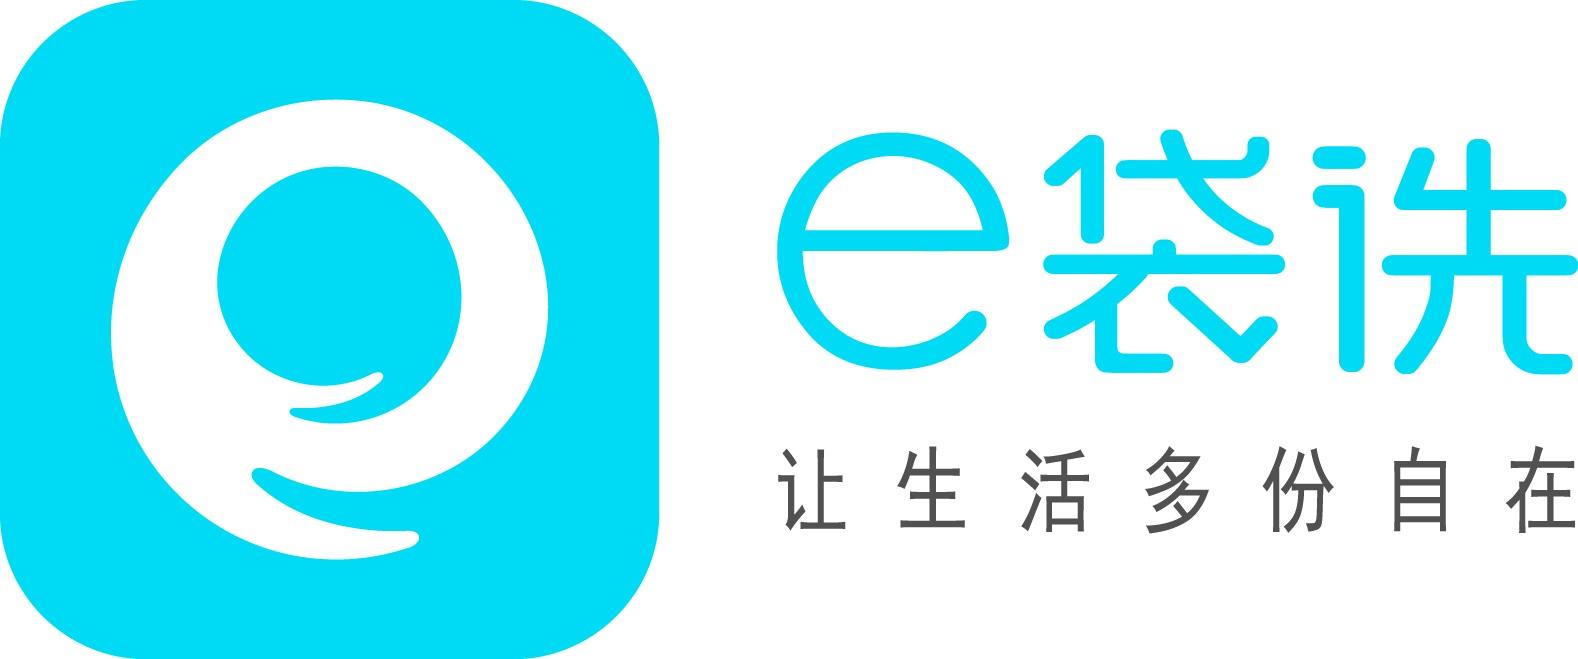 北京壹代家庭服務有限公司